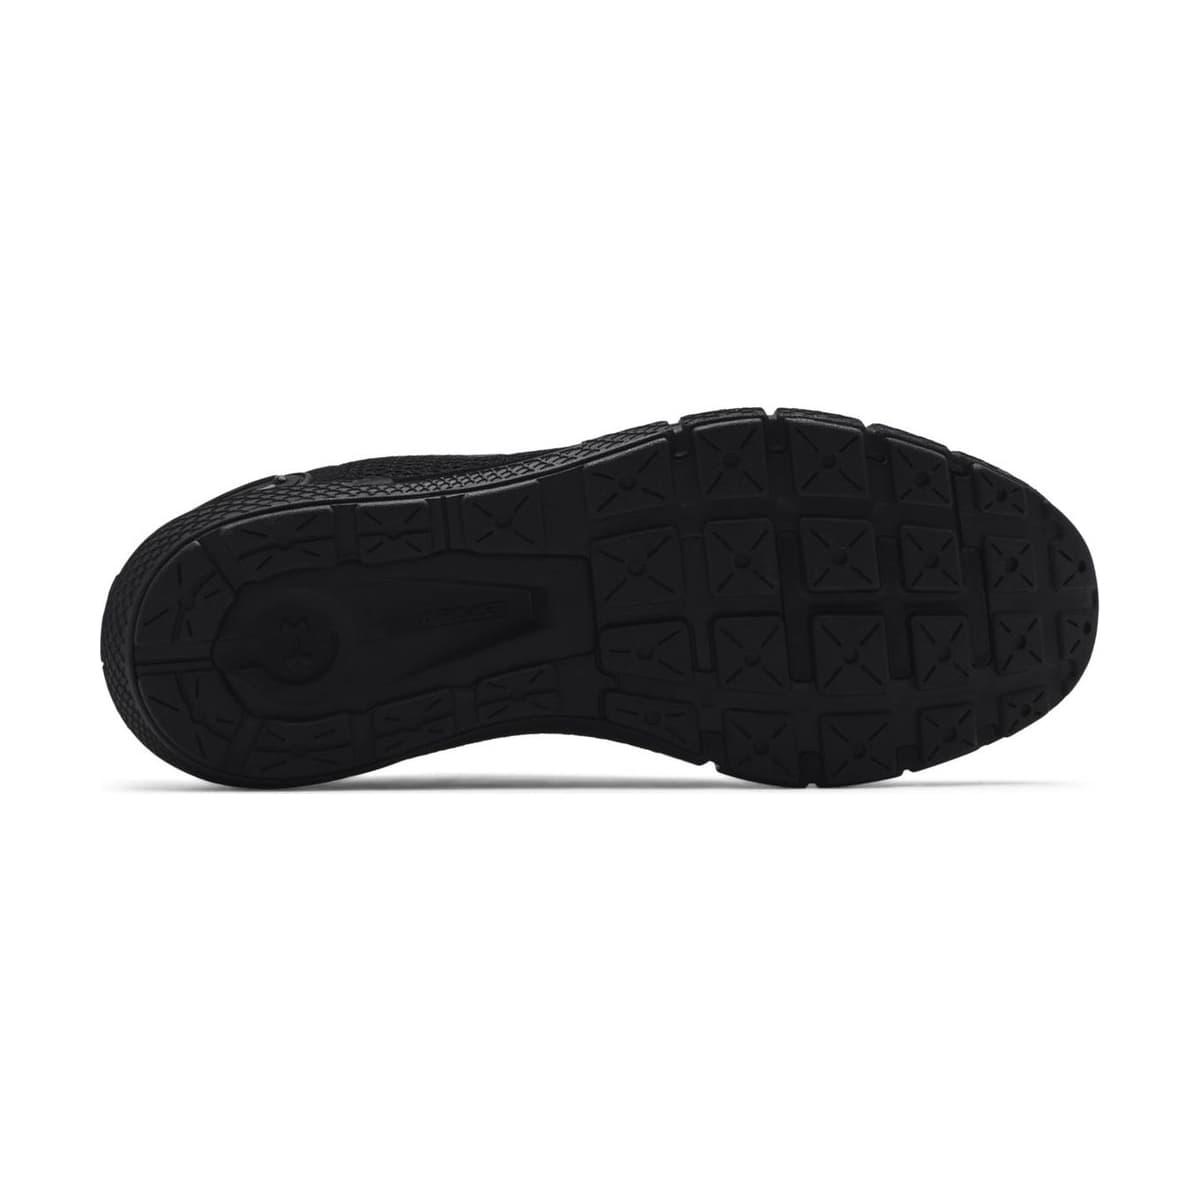 Charged Rogue 2.5 Erkek Siyah Koşu Ayakkabısı (3024400-002)